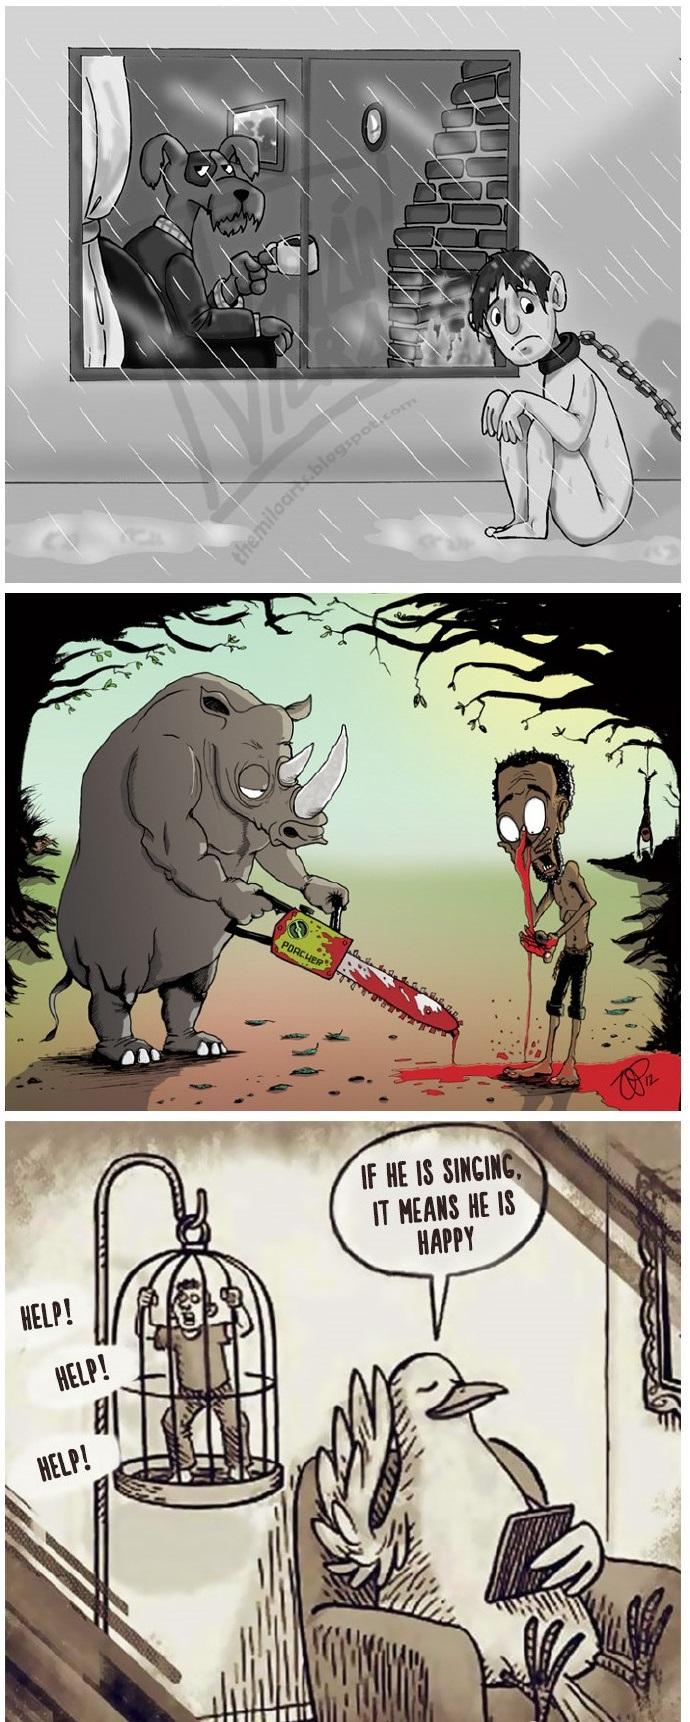 如果人和动物的角色互换,会怎么样呢?